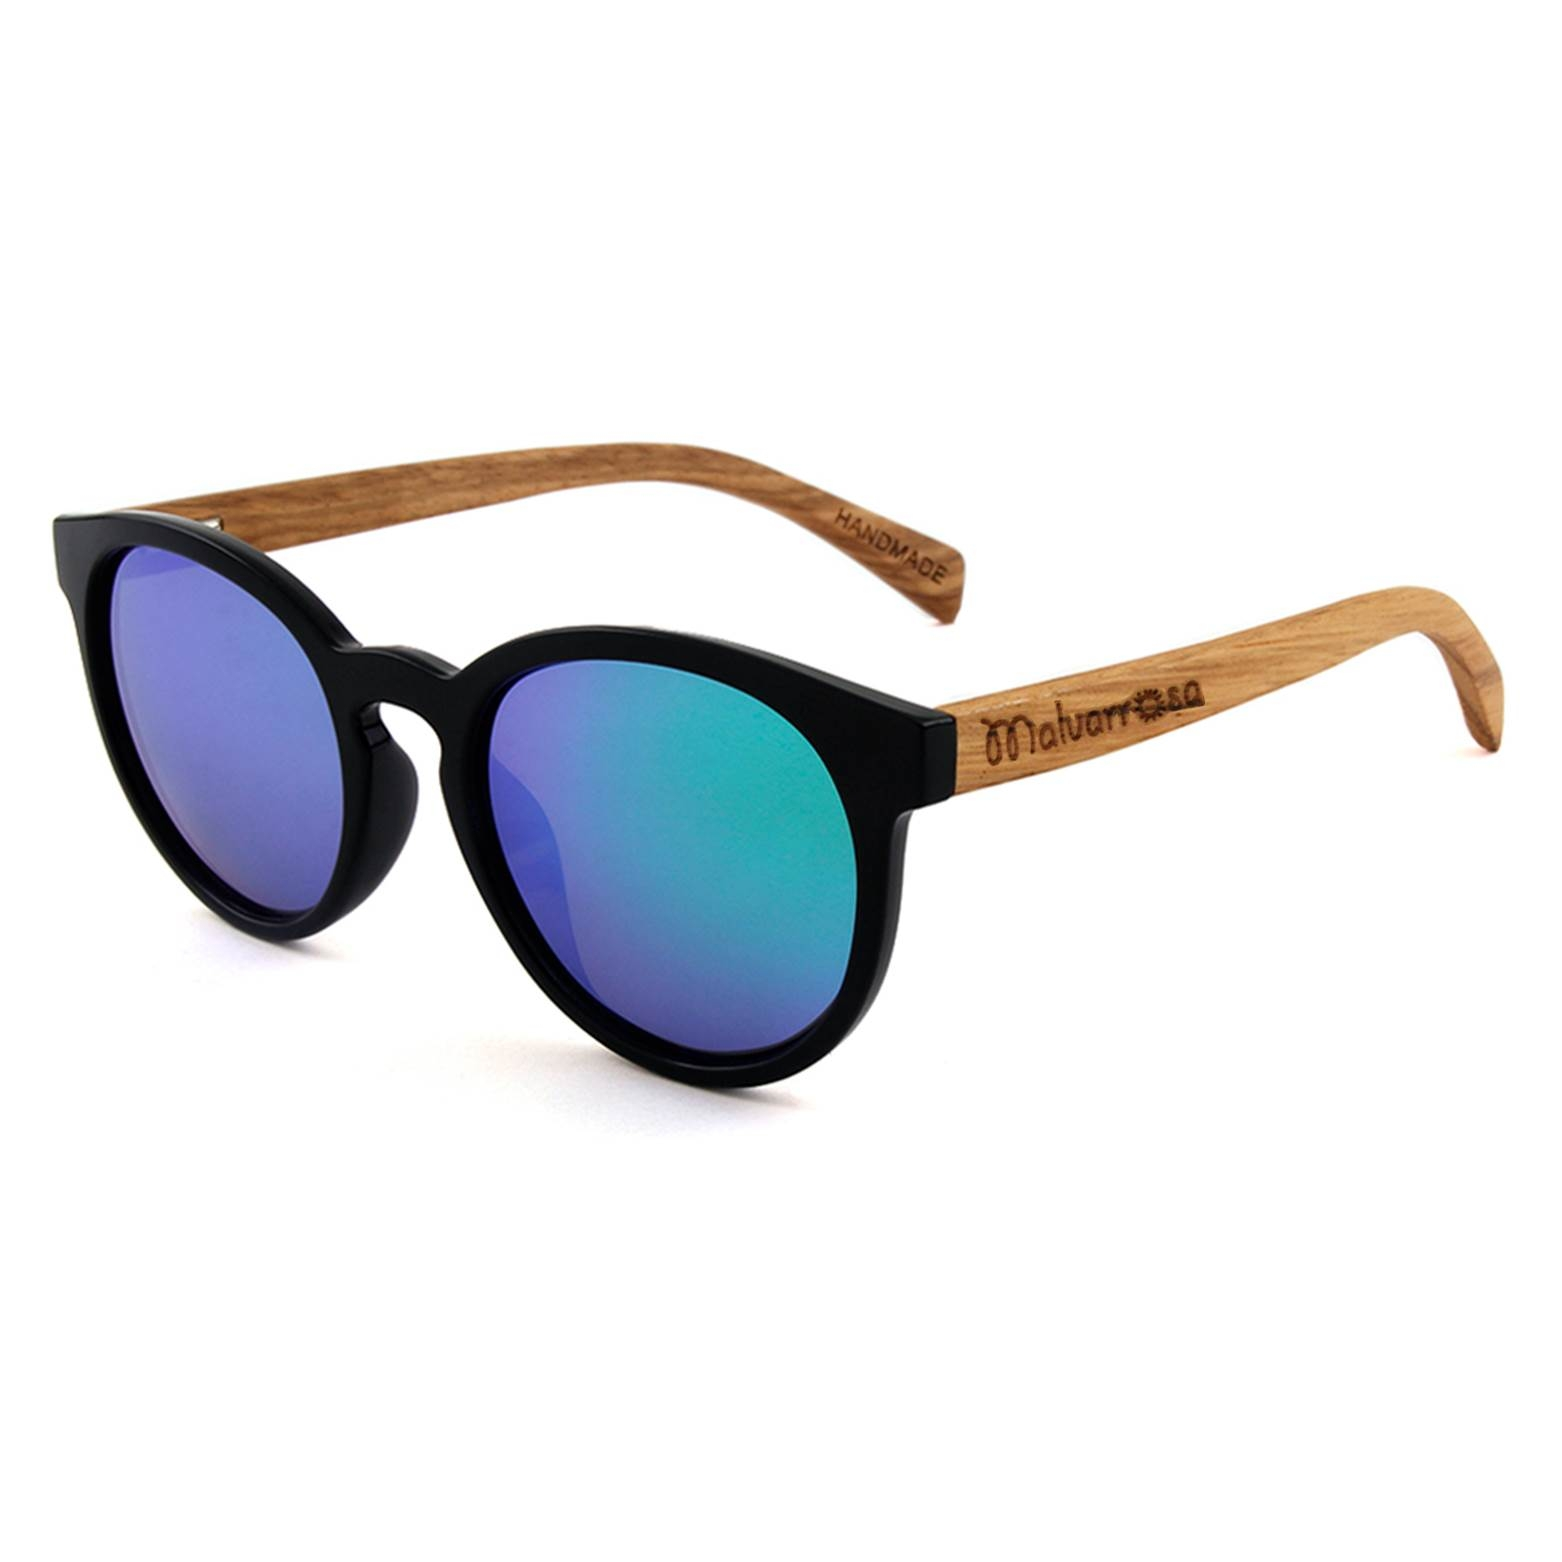 c2b18a987d 😎 Comprar Gafas de sol polarizadas Malvarrosa Altea Black ...